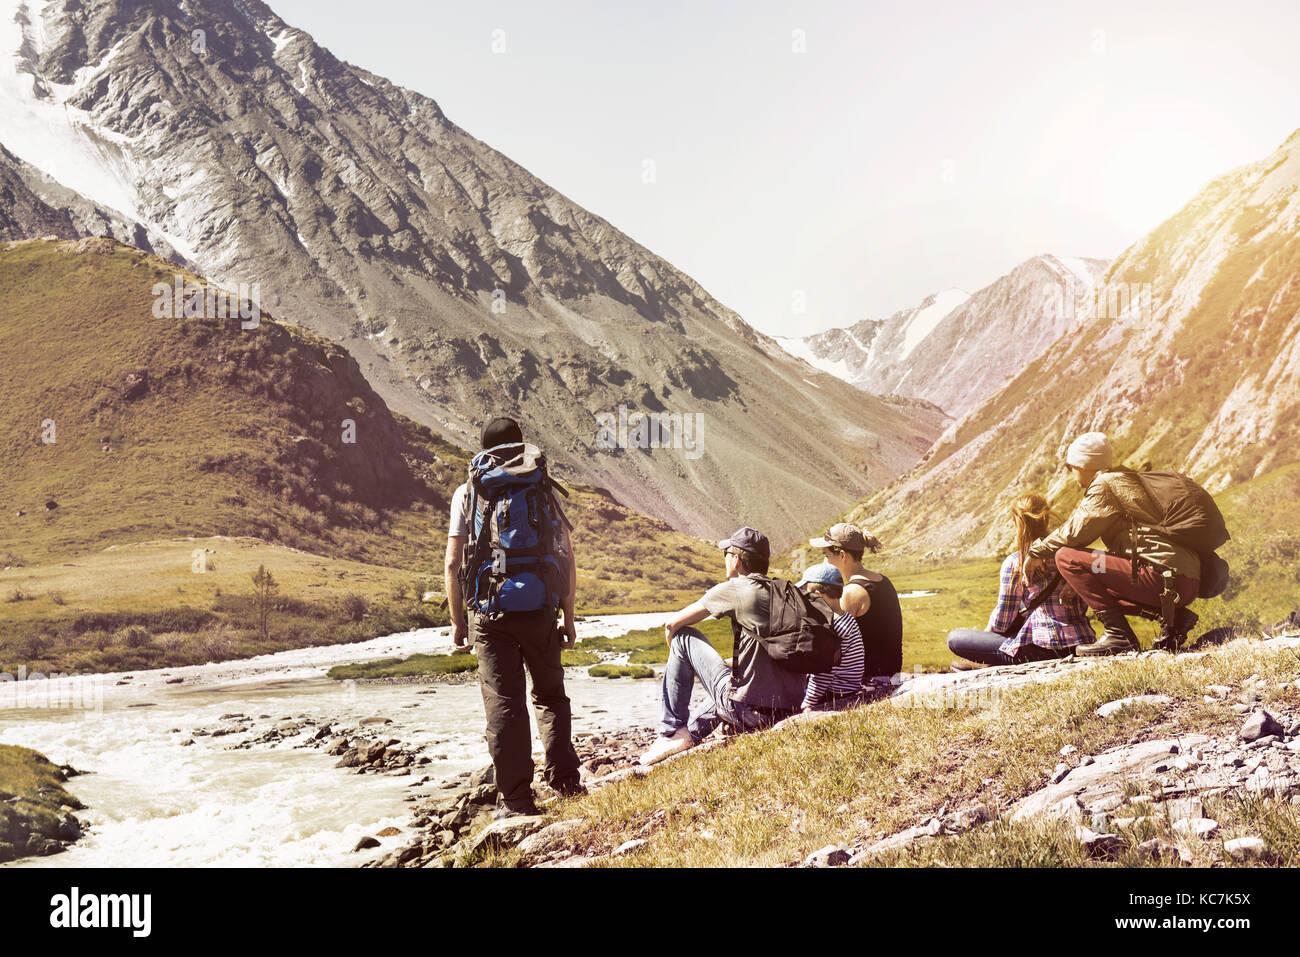 Grand groupe de personnes montagnes expédition voyage Photo Stock